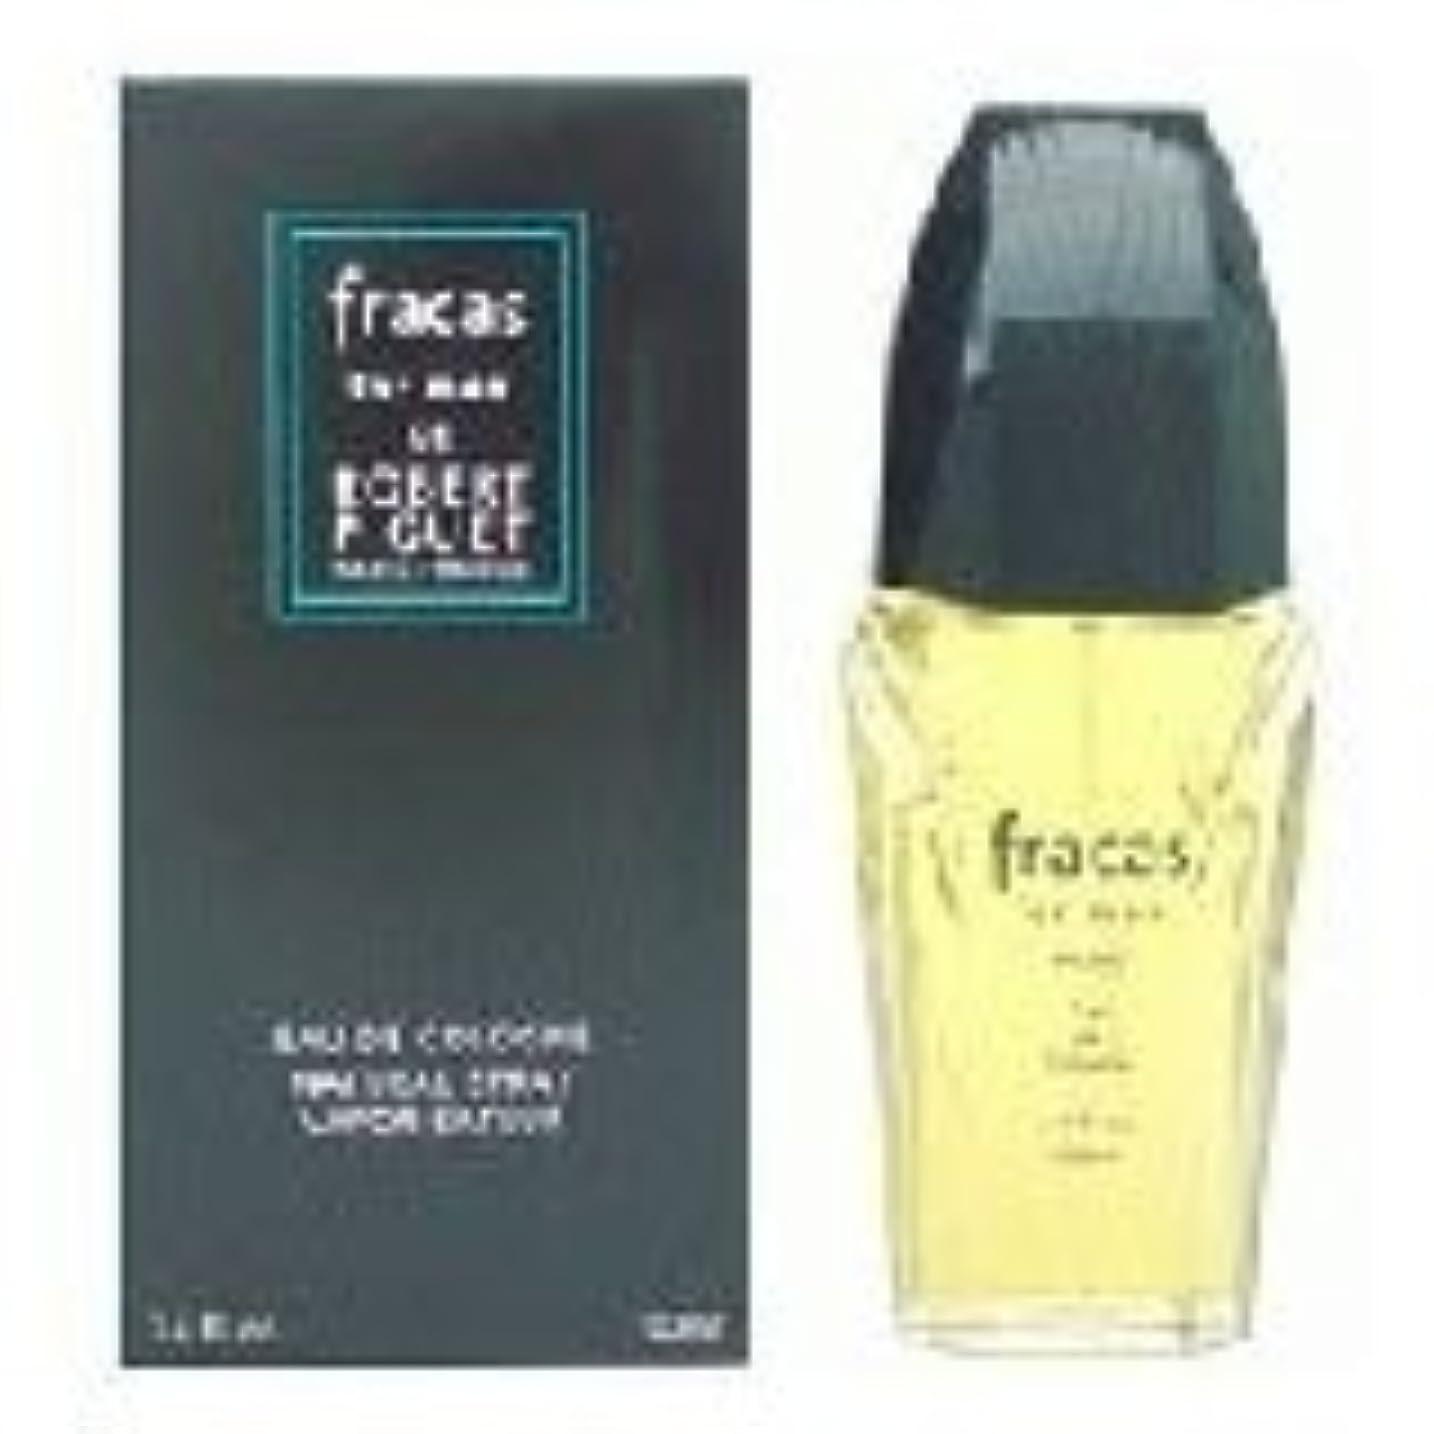 ファウル役割アソシエイトFracas (フラカス)3.4 oz (100ml) EDC Spray by Robert Piguet for Men